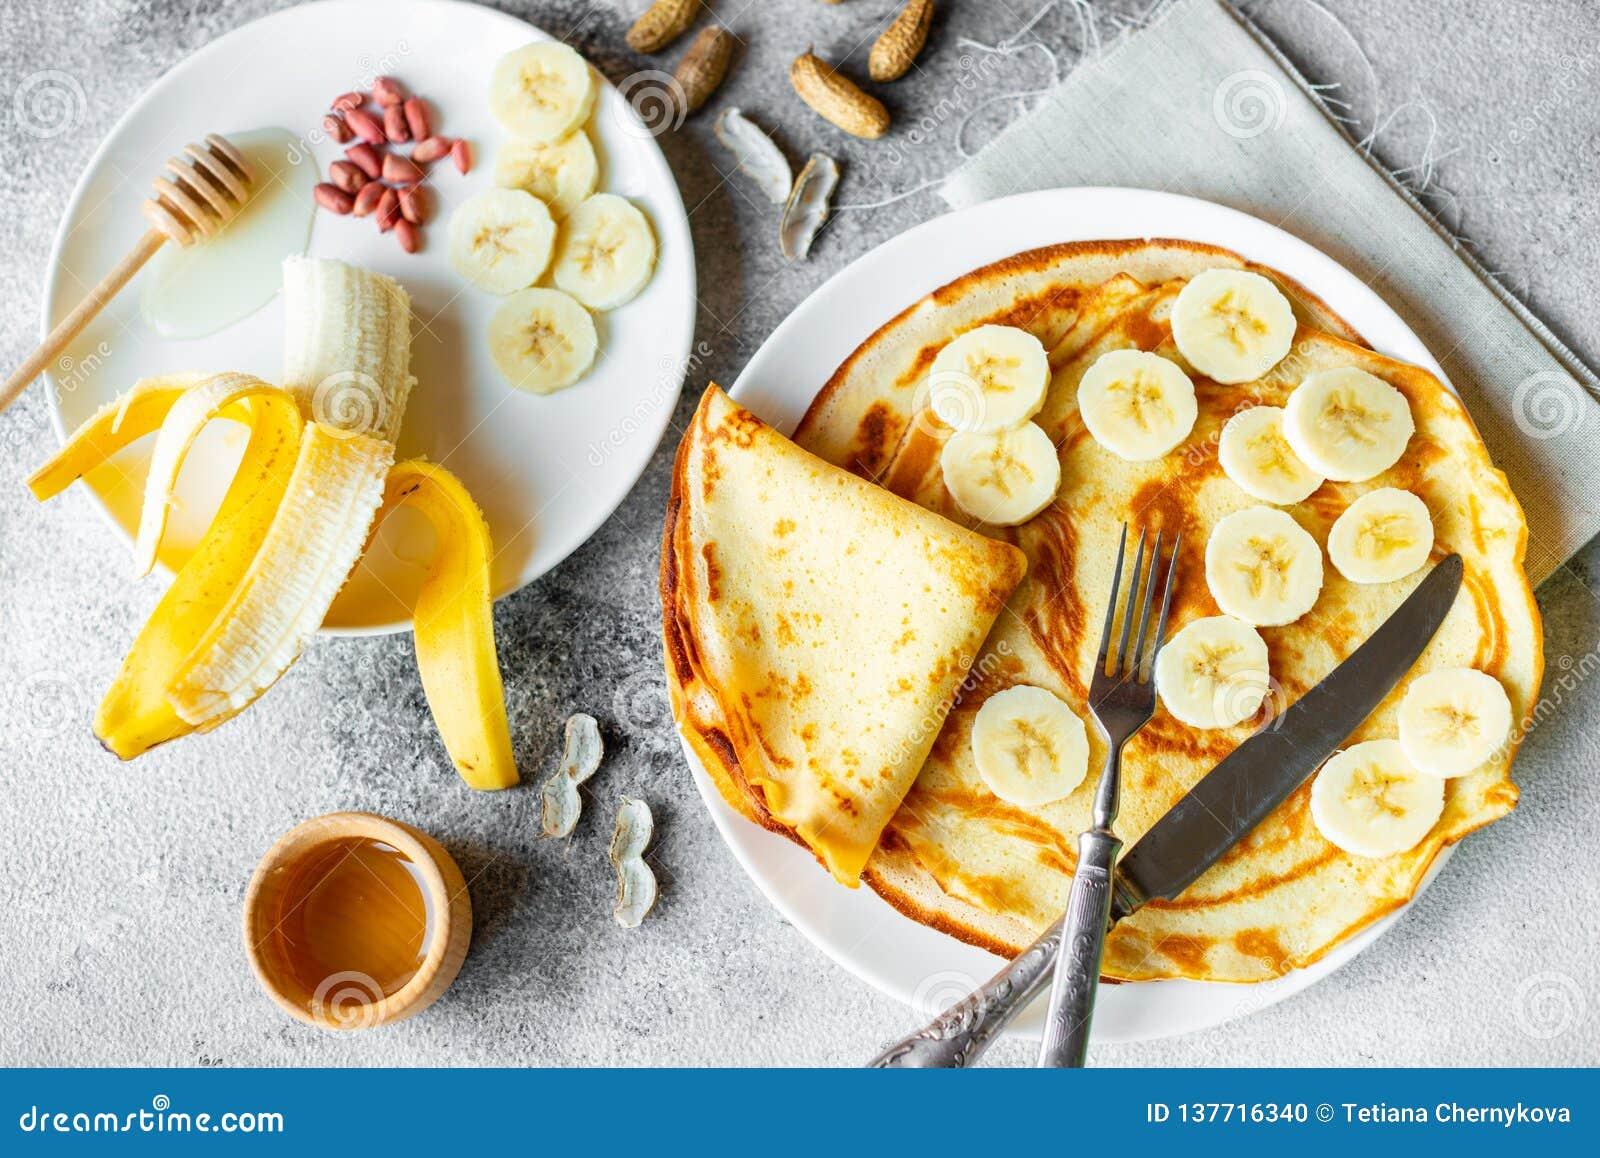 Nahrung, Nachtisch, Gebäck, Pfannkuchen, Torte Geschmackvolle schöne Pfannkuchen mit Banane und Honig